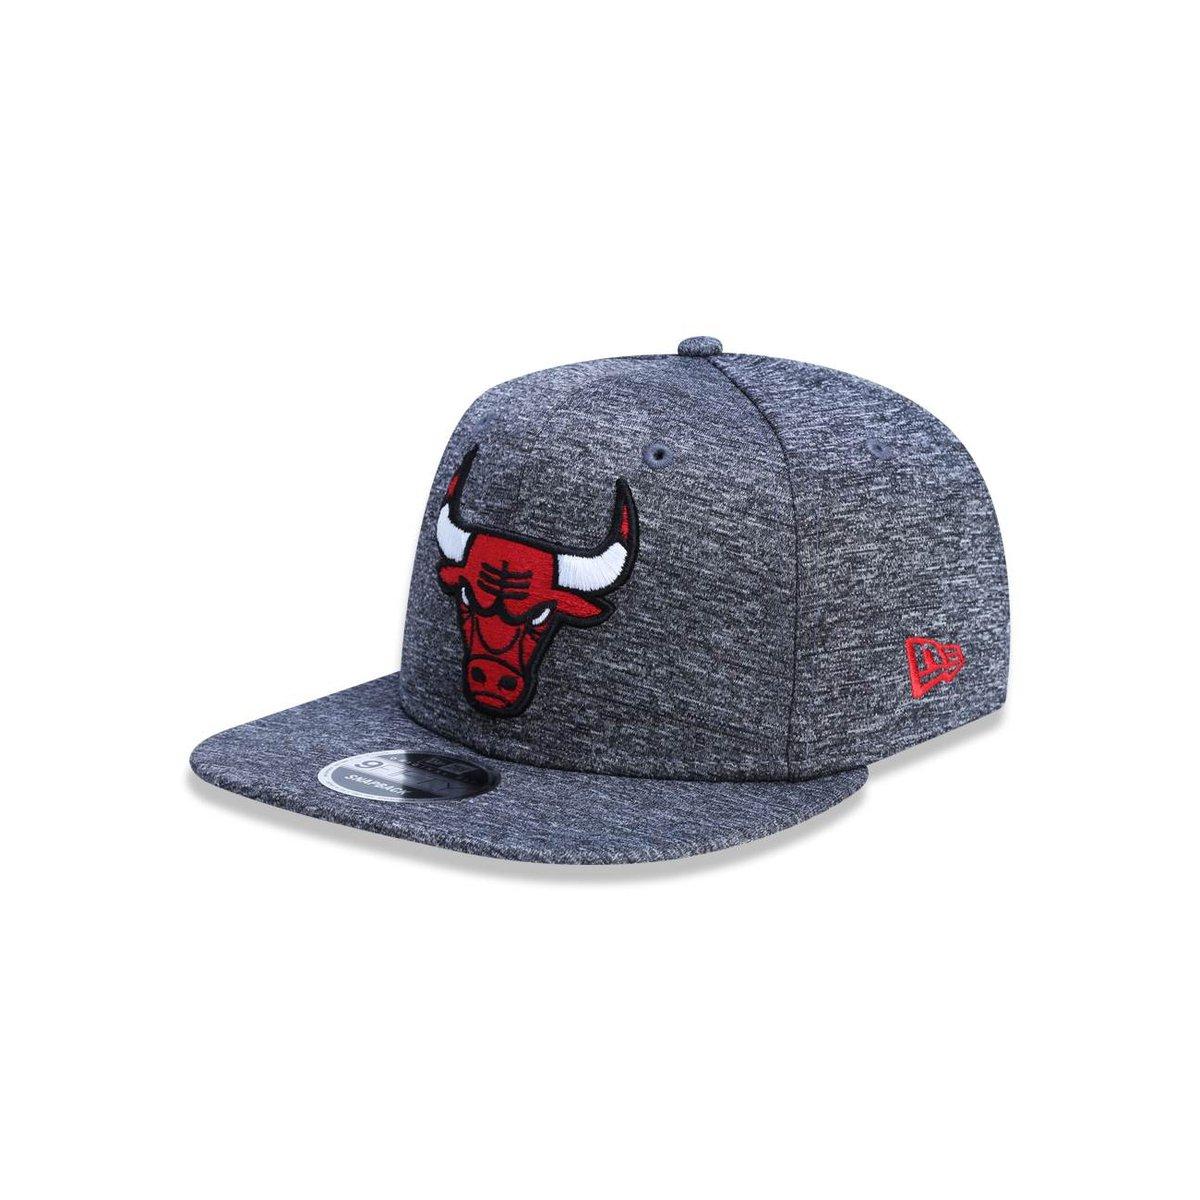 Boné 950 Original Fit Chicago Bulls NBA New Era - Compre Agora ... 83ccd82bfad